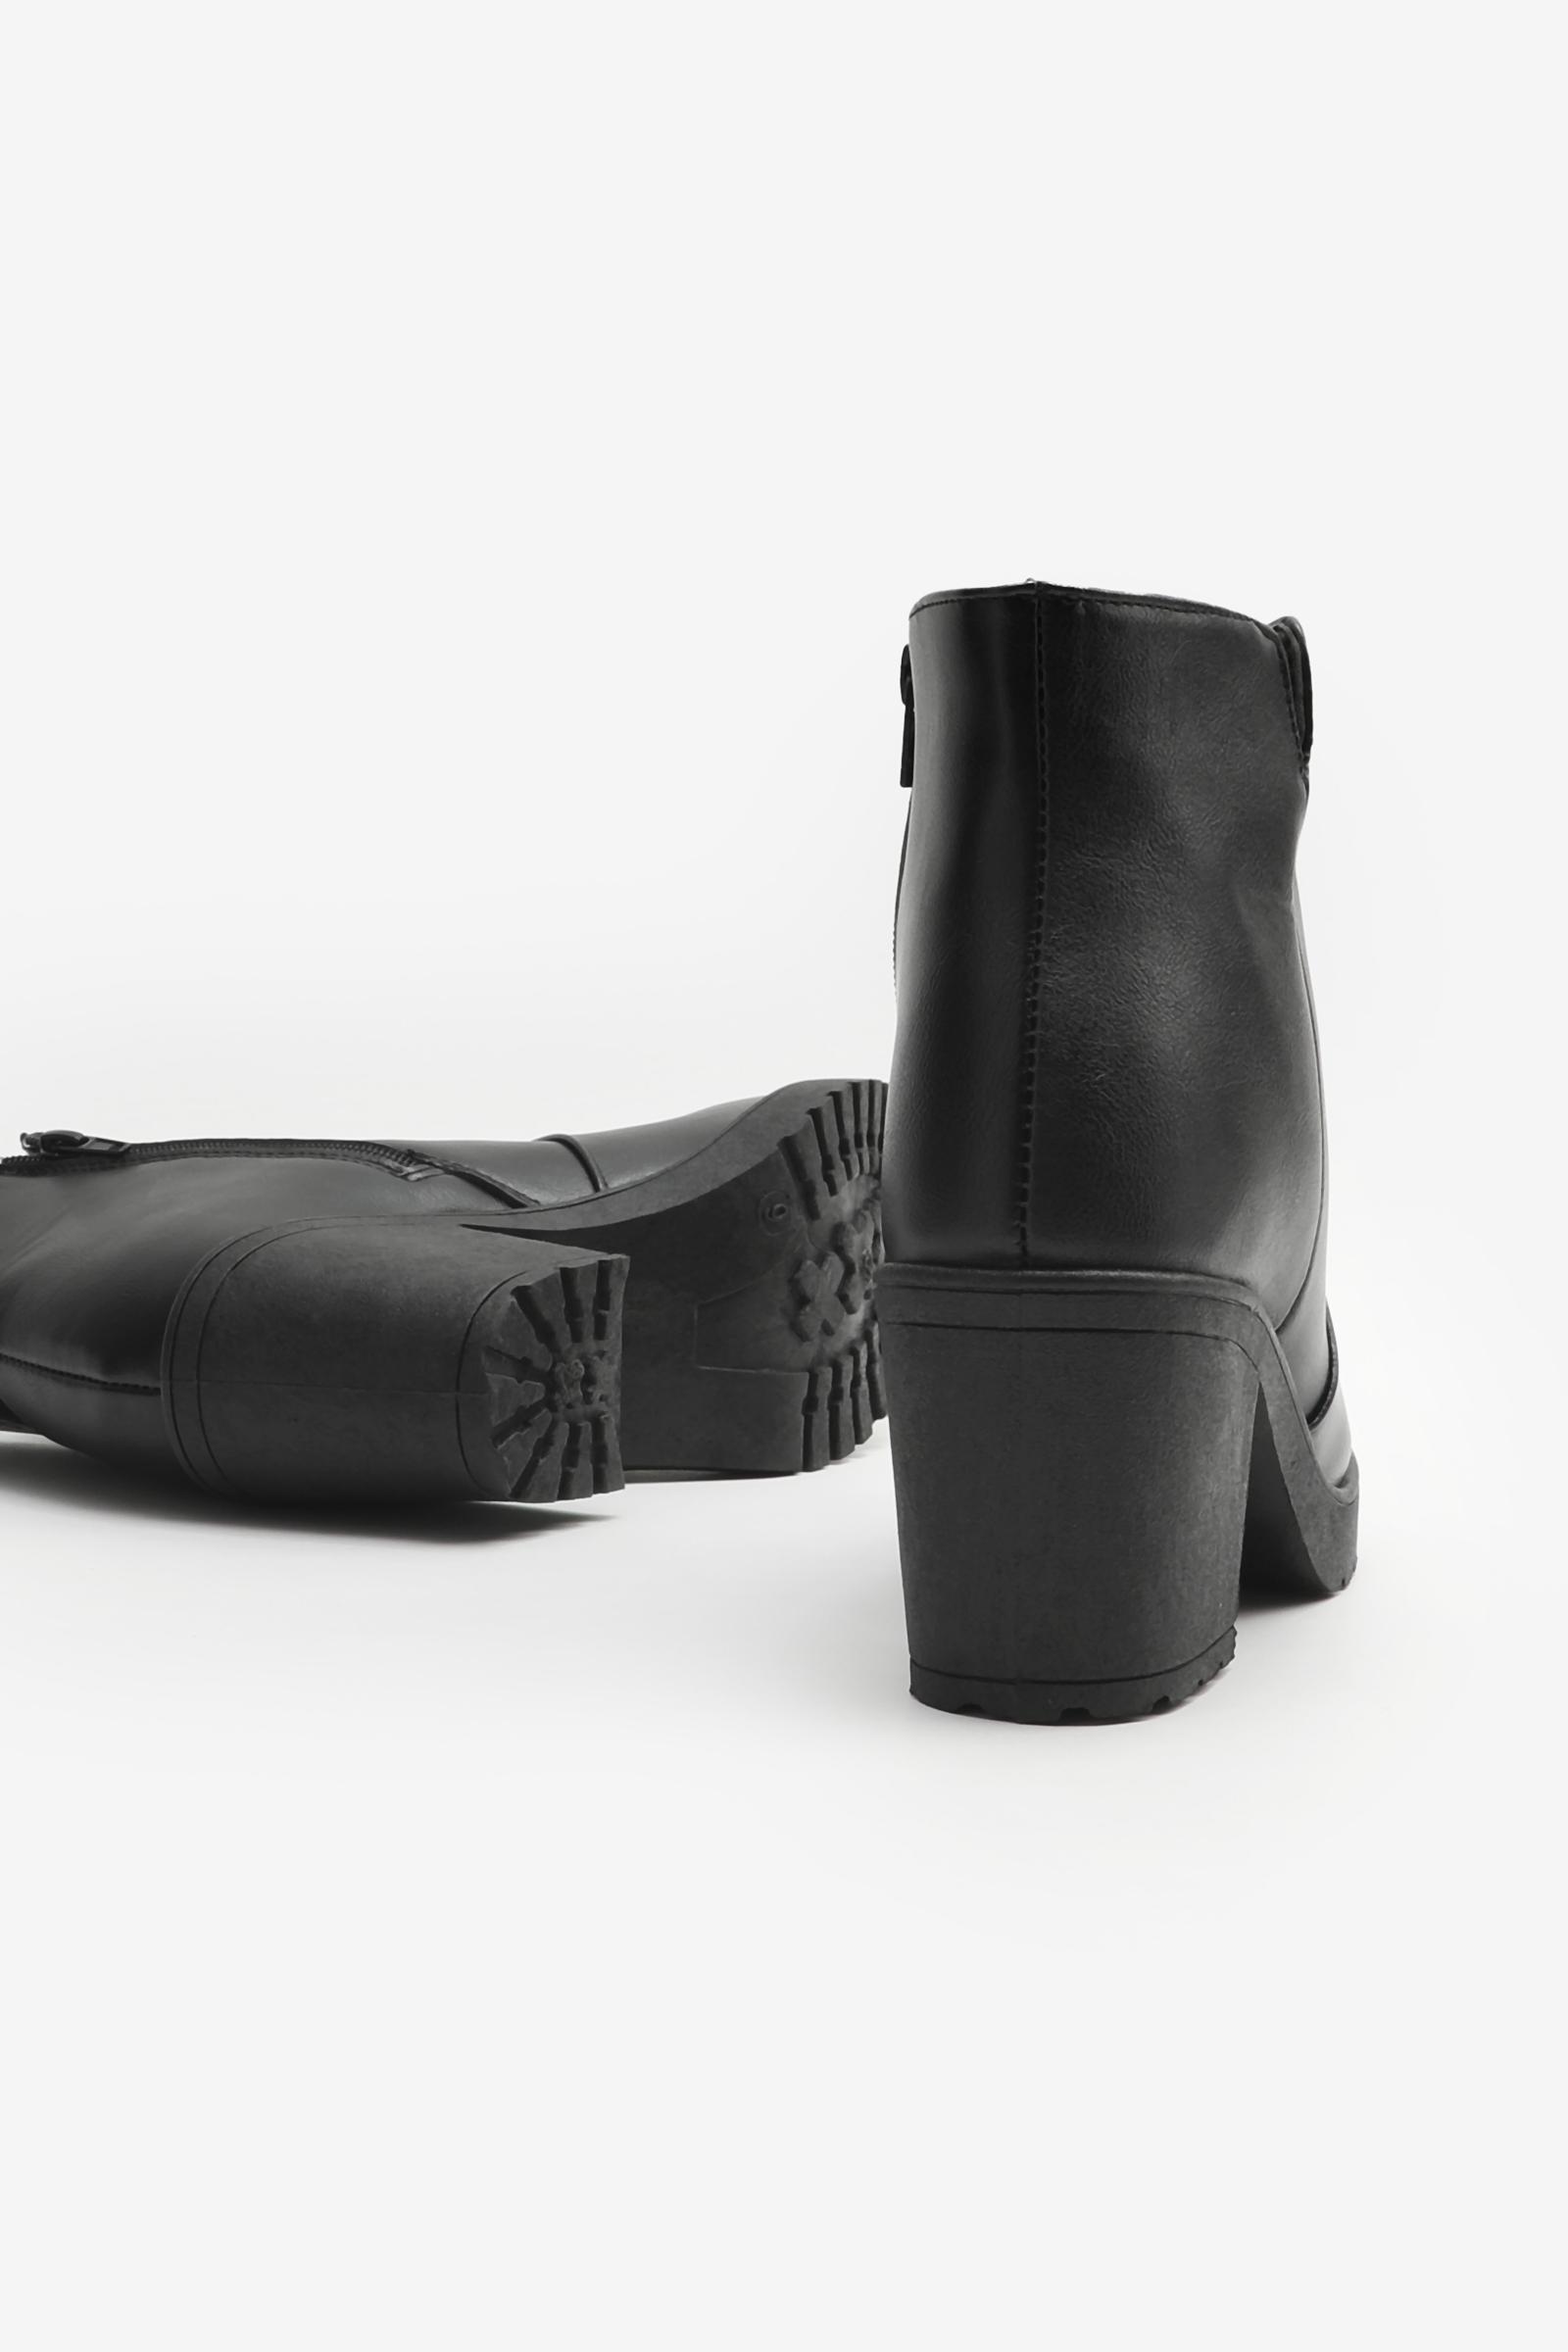 Bloc Heel Booties with Slit Detail